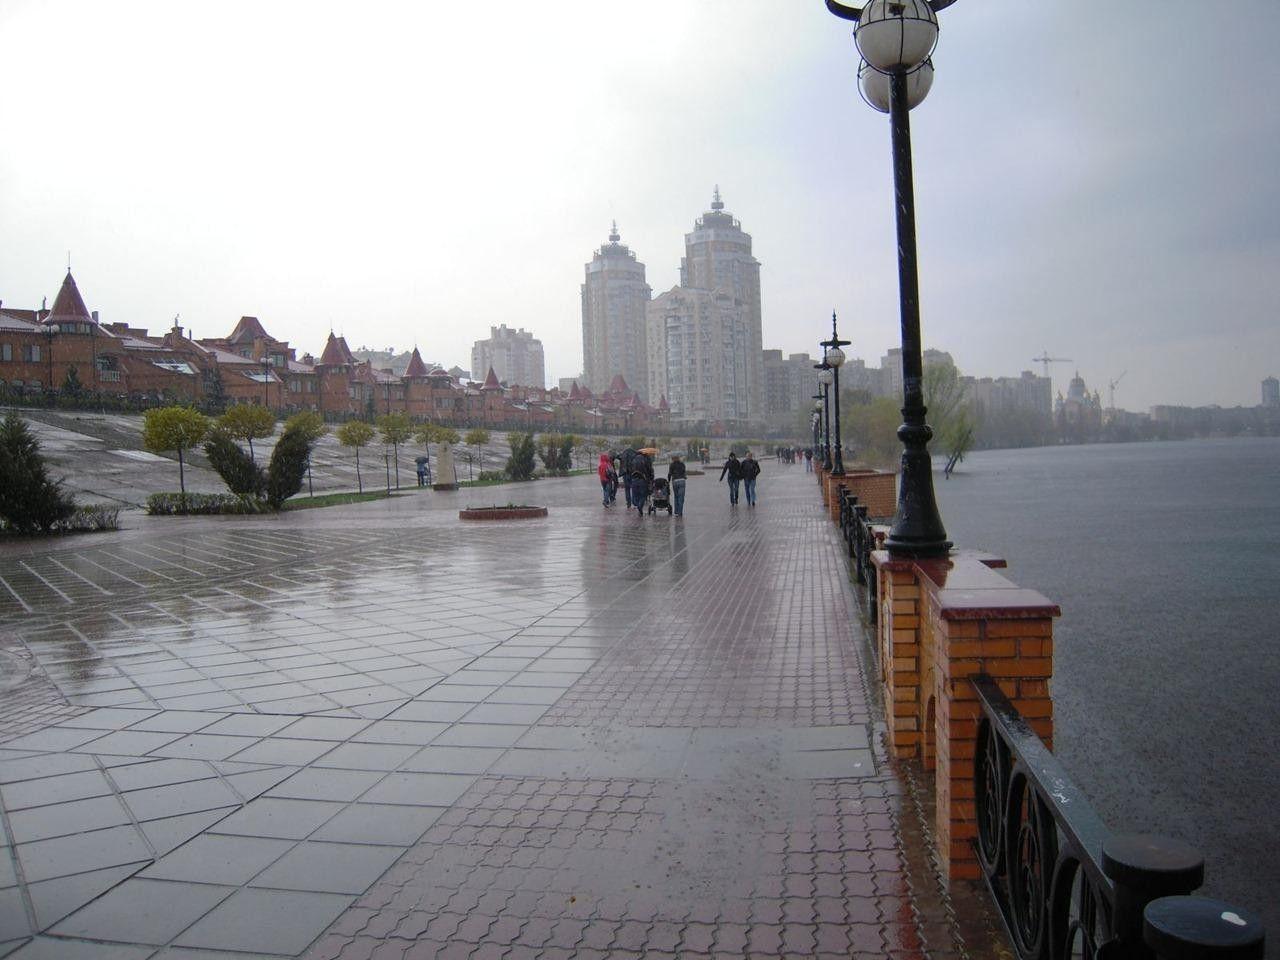 У Києві сьогодні пройде дощ / lifekiev.com